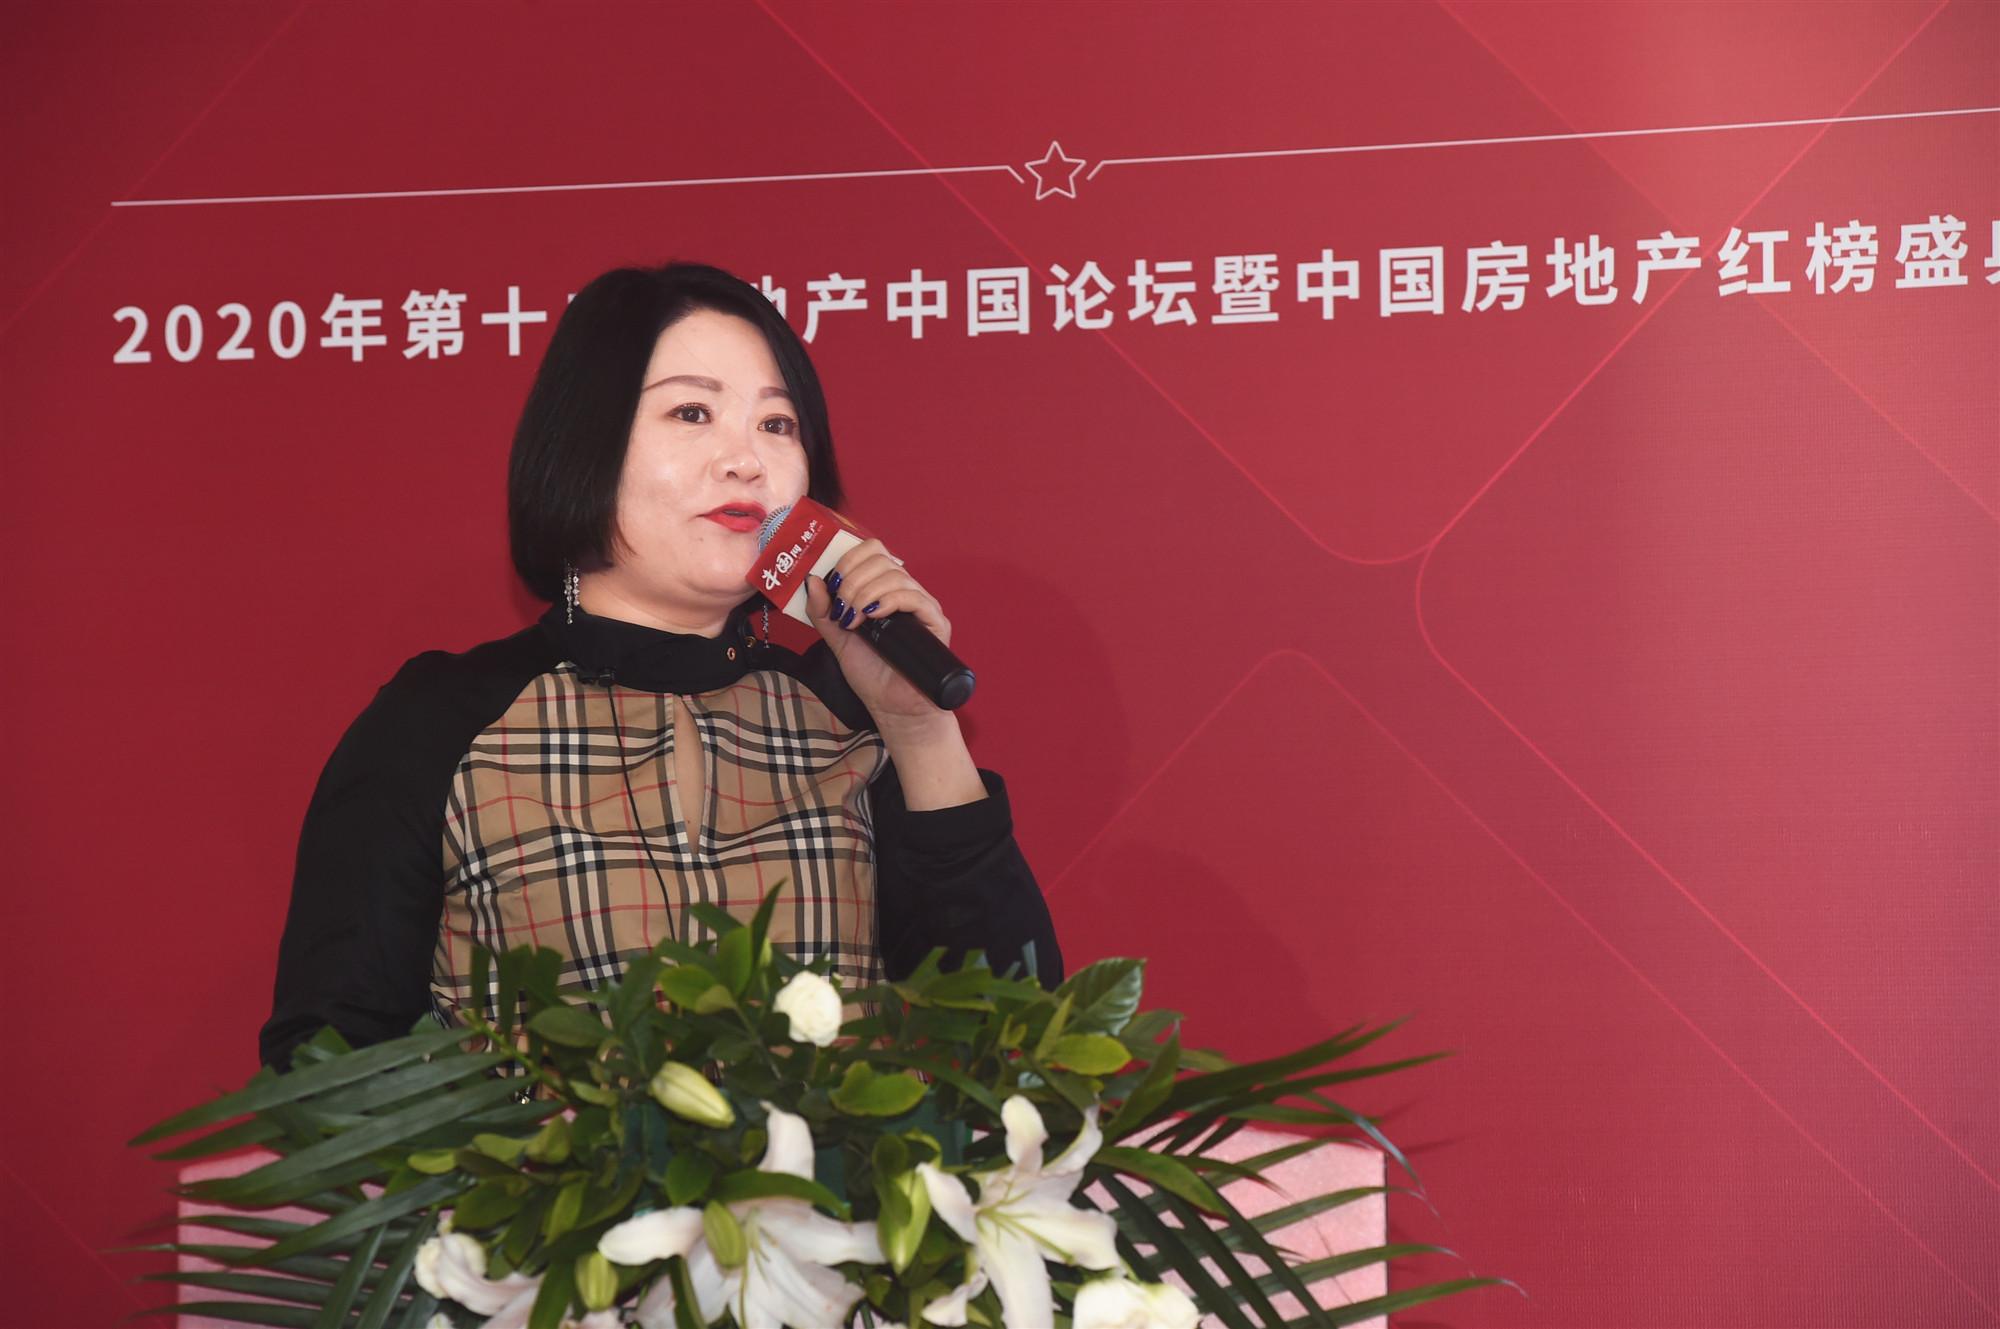 万年基业秦娜:定制内容与定位客户的经营关系存在三类组合-中国网地产